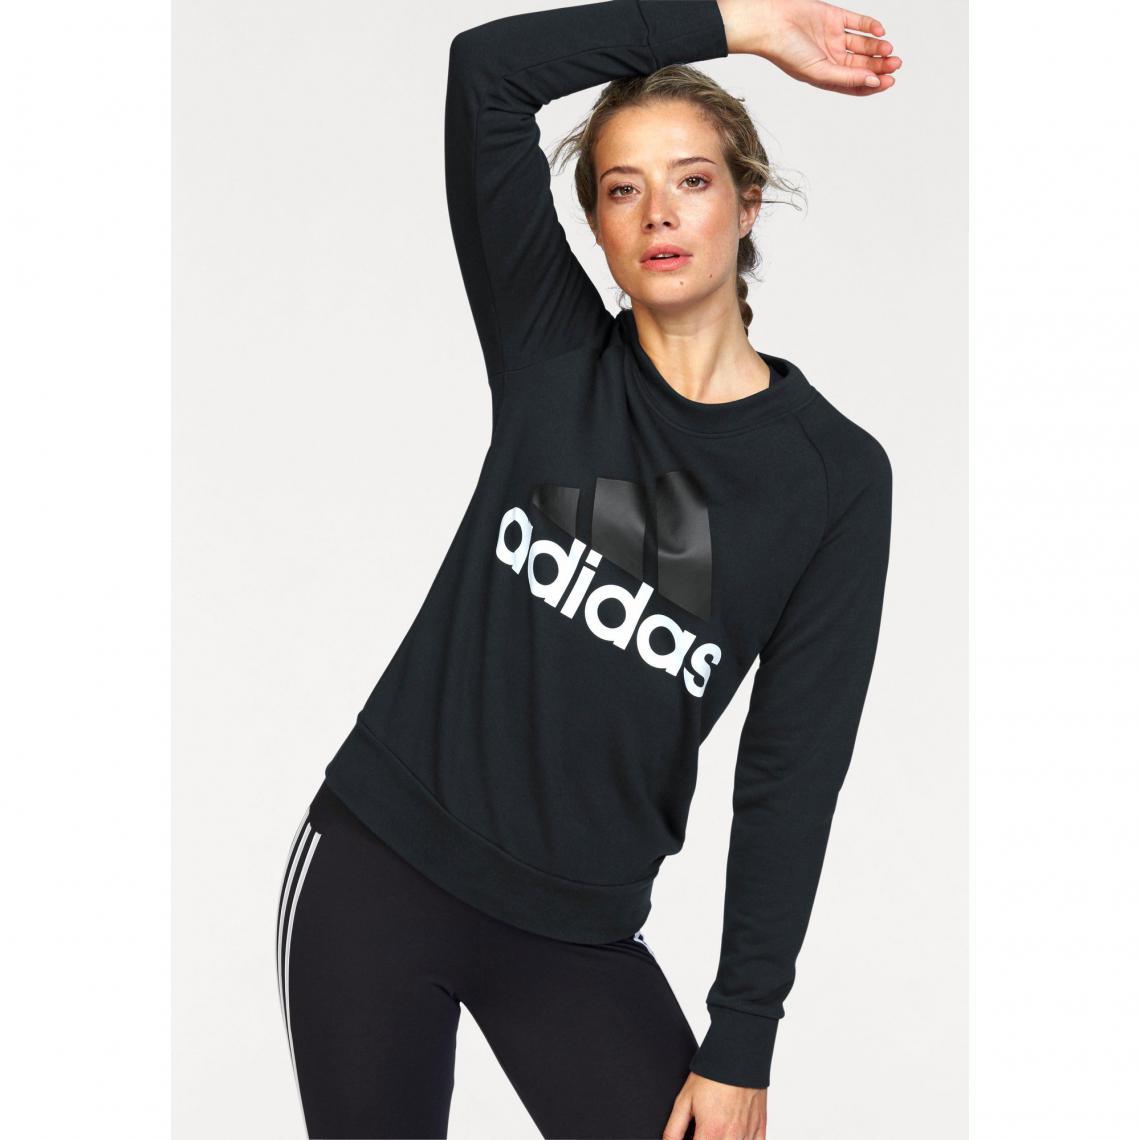 Sweat imprimé manches longues femme Essentials Linear Climalite® adidas Performance Noir 1 Avis Plus de détails